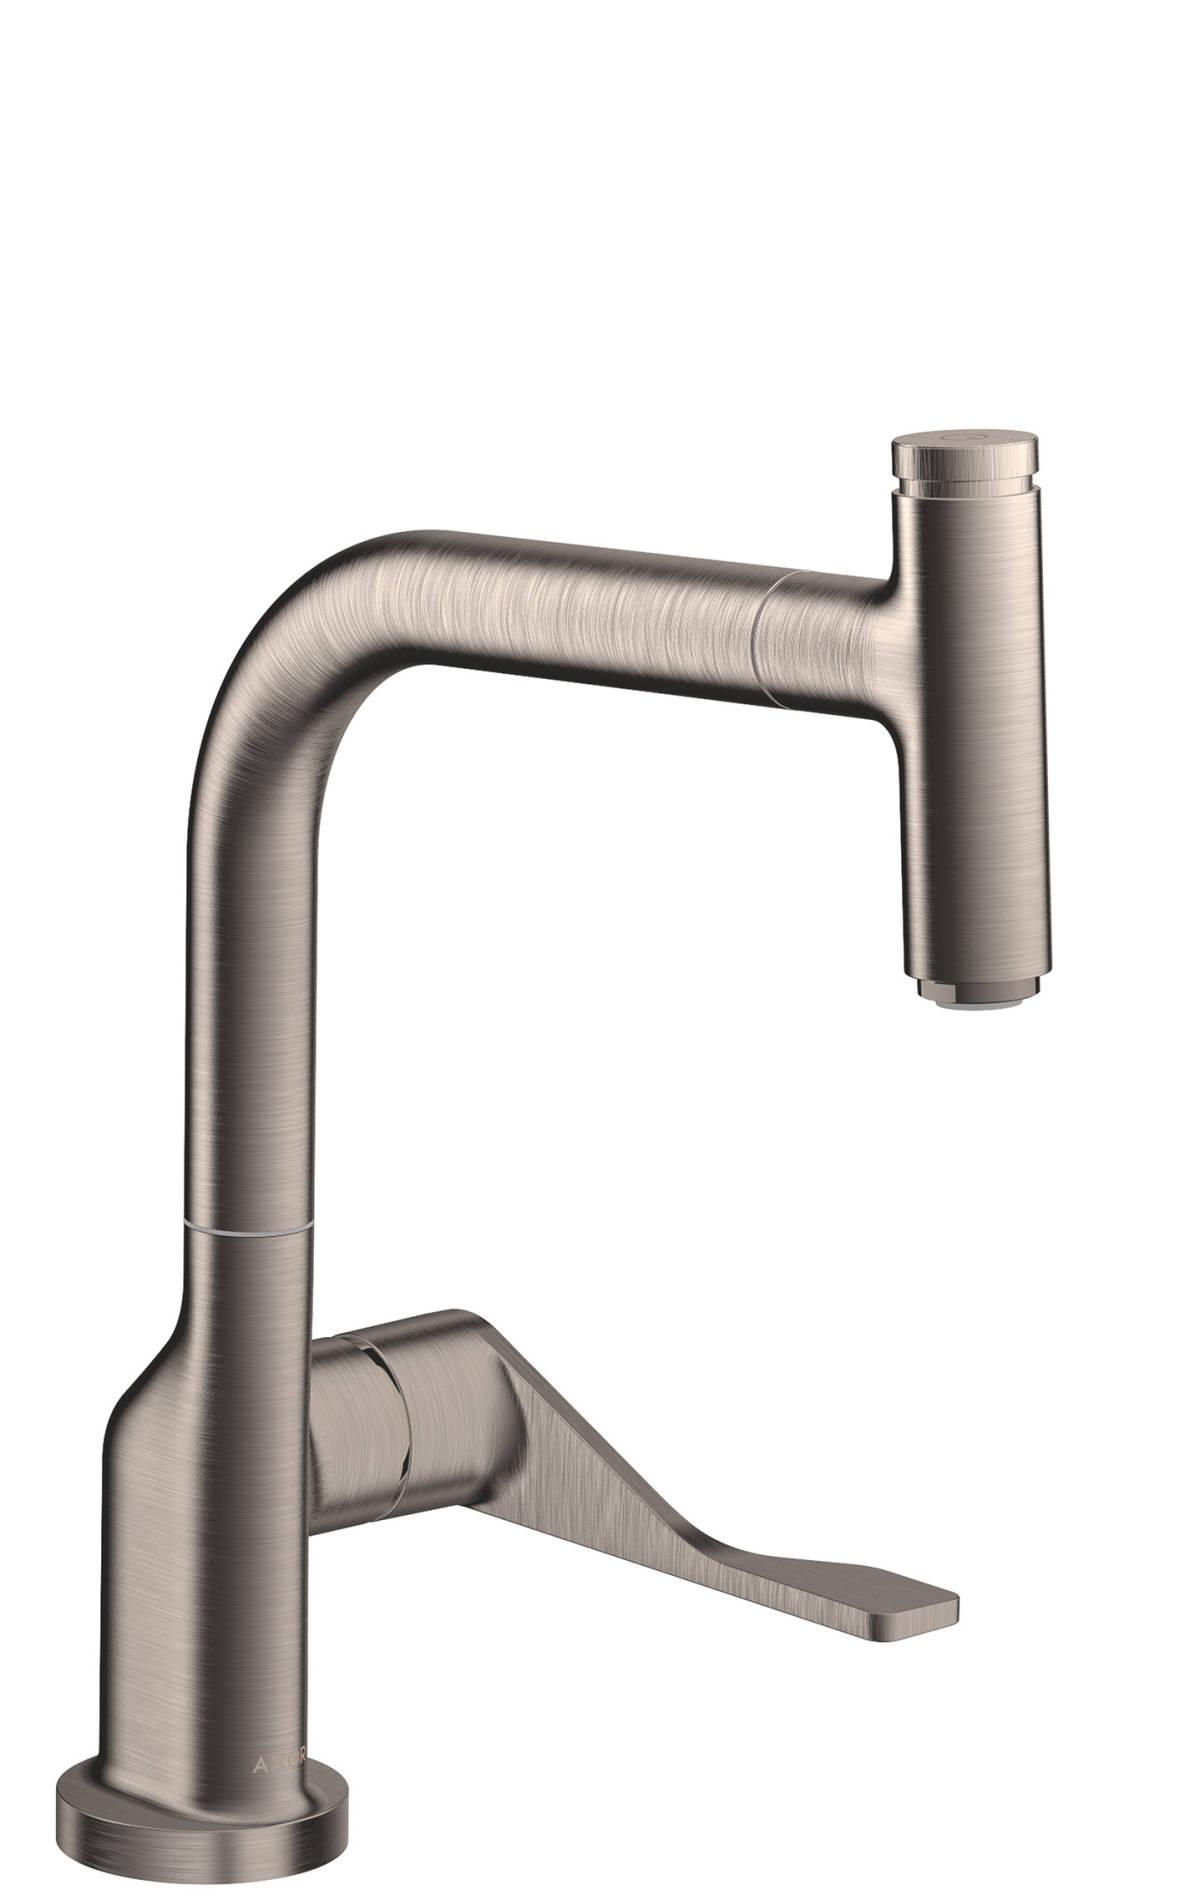 Mezclador monomando de cocina Select 230 con caño extraíble, acabado de acero inoxidable, 39861800